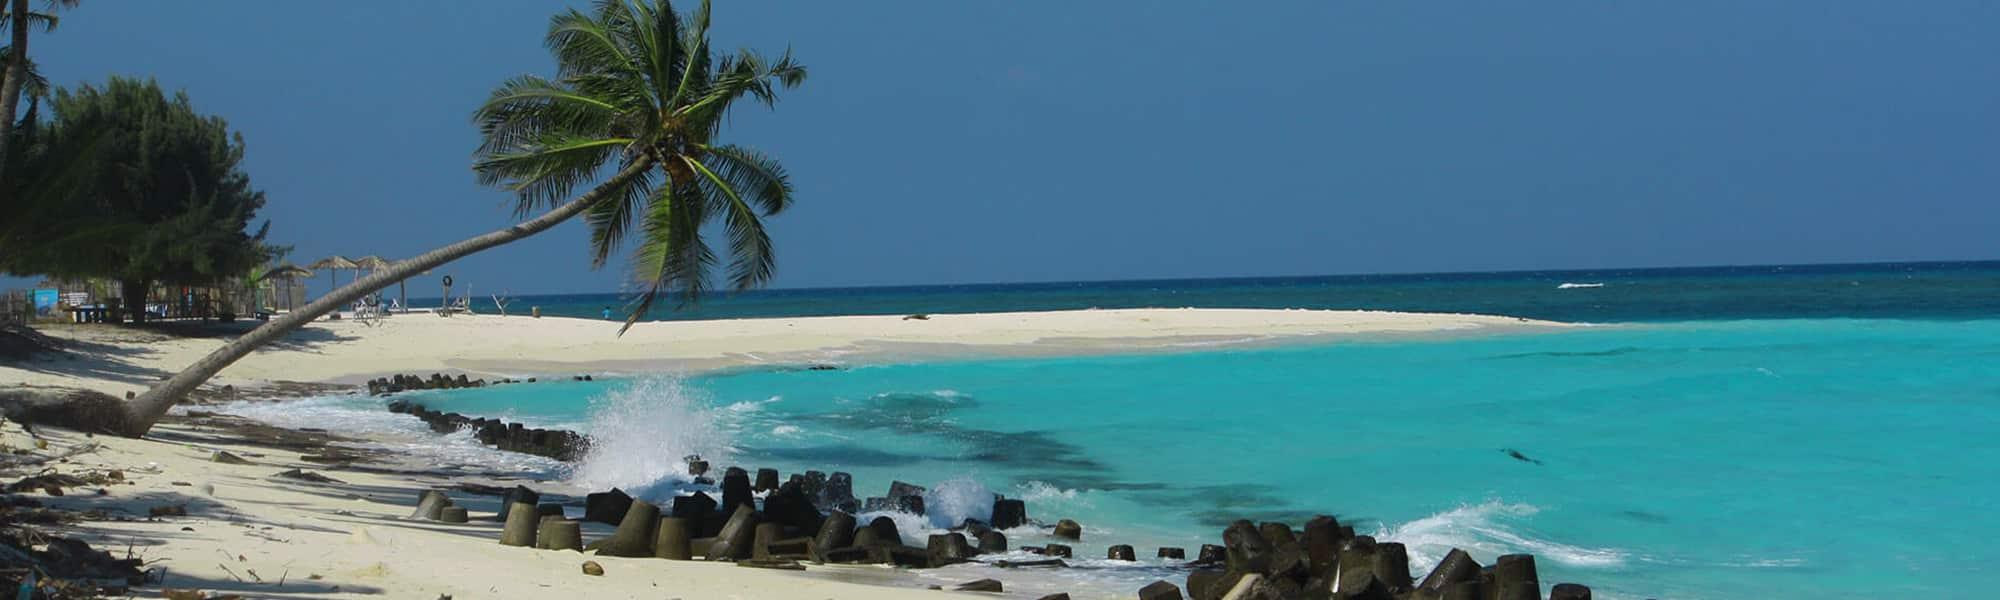 Amindivi Islands